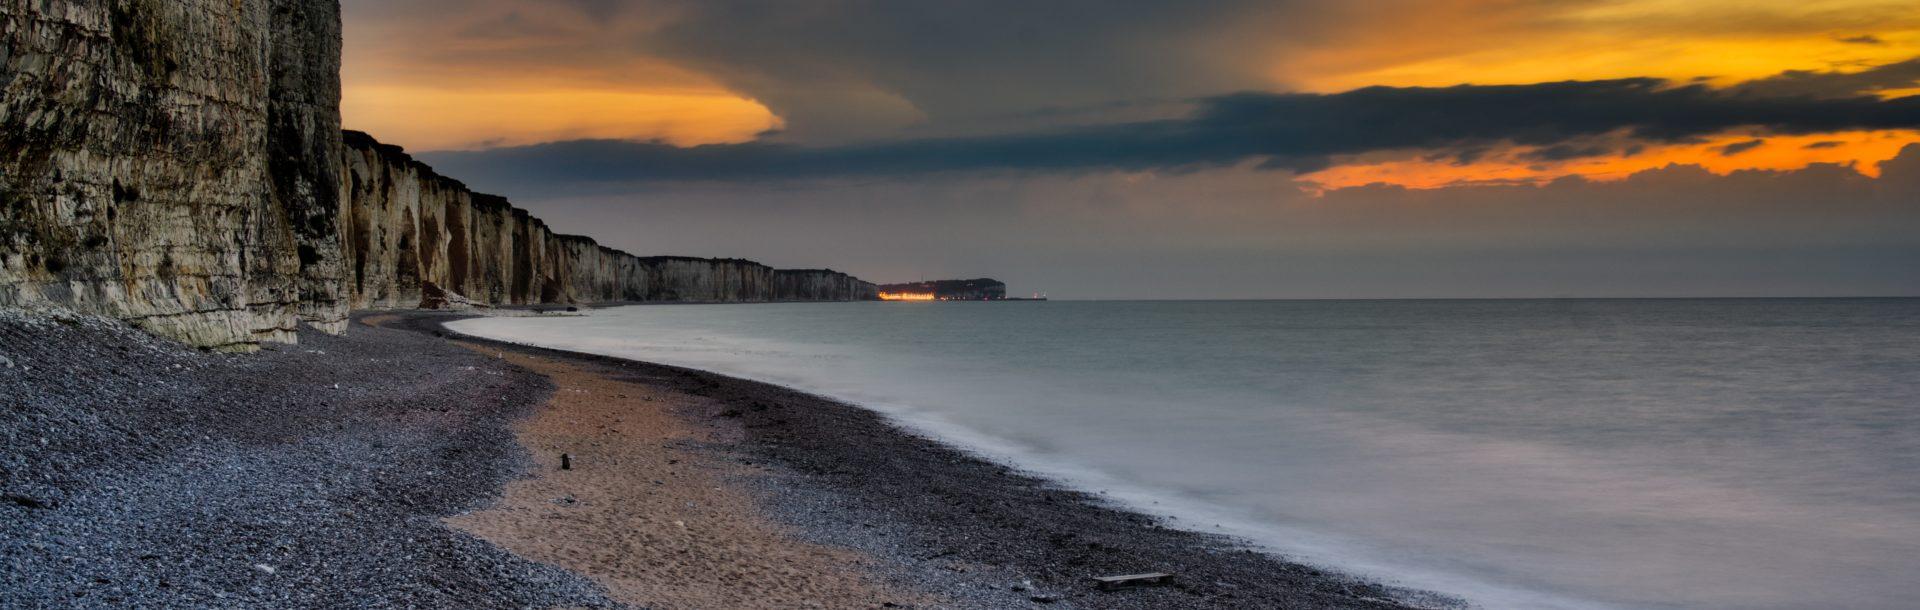 Démarche littoral